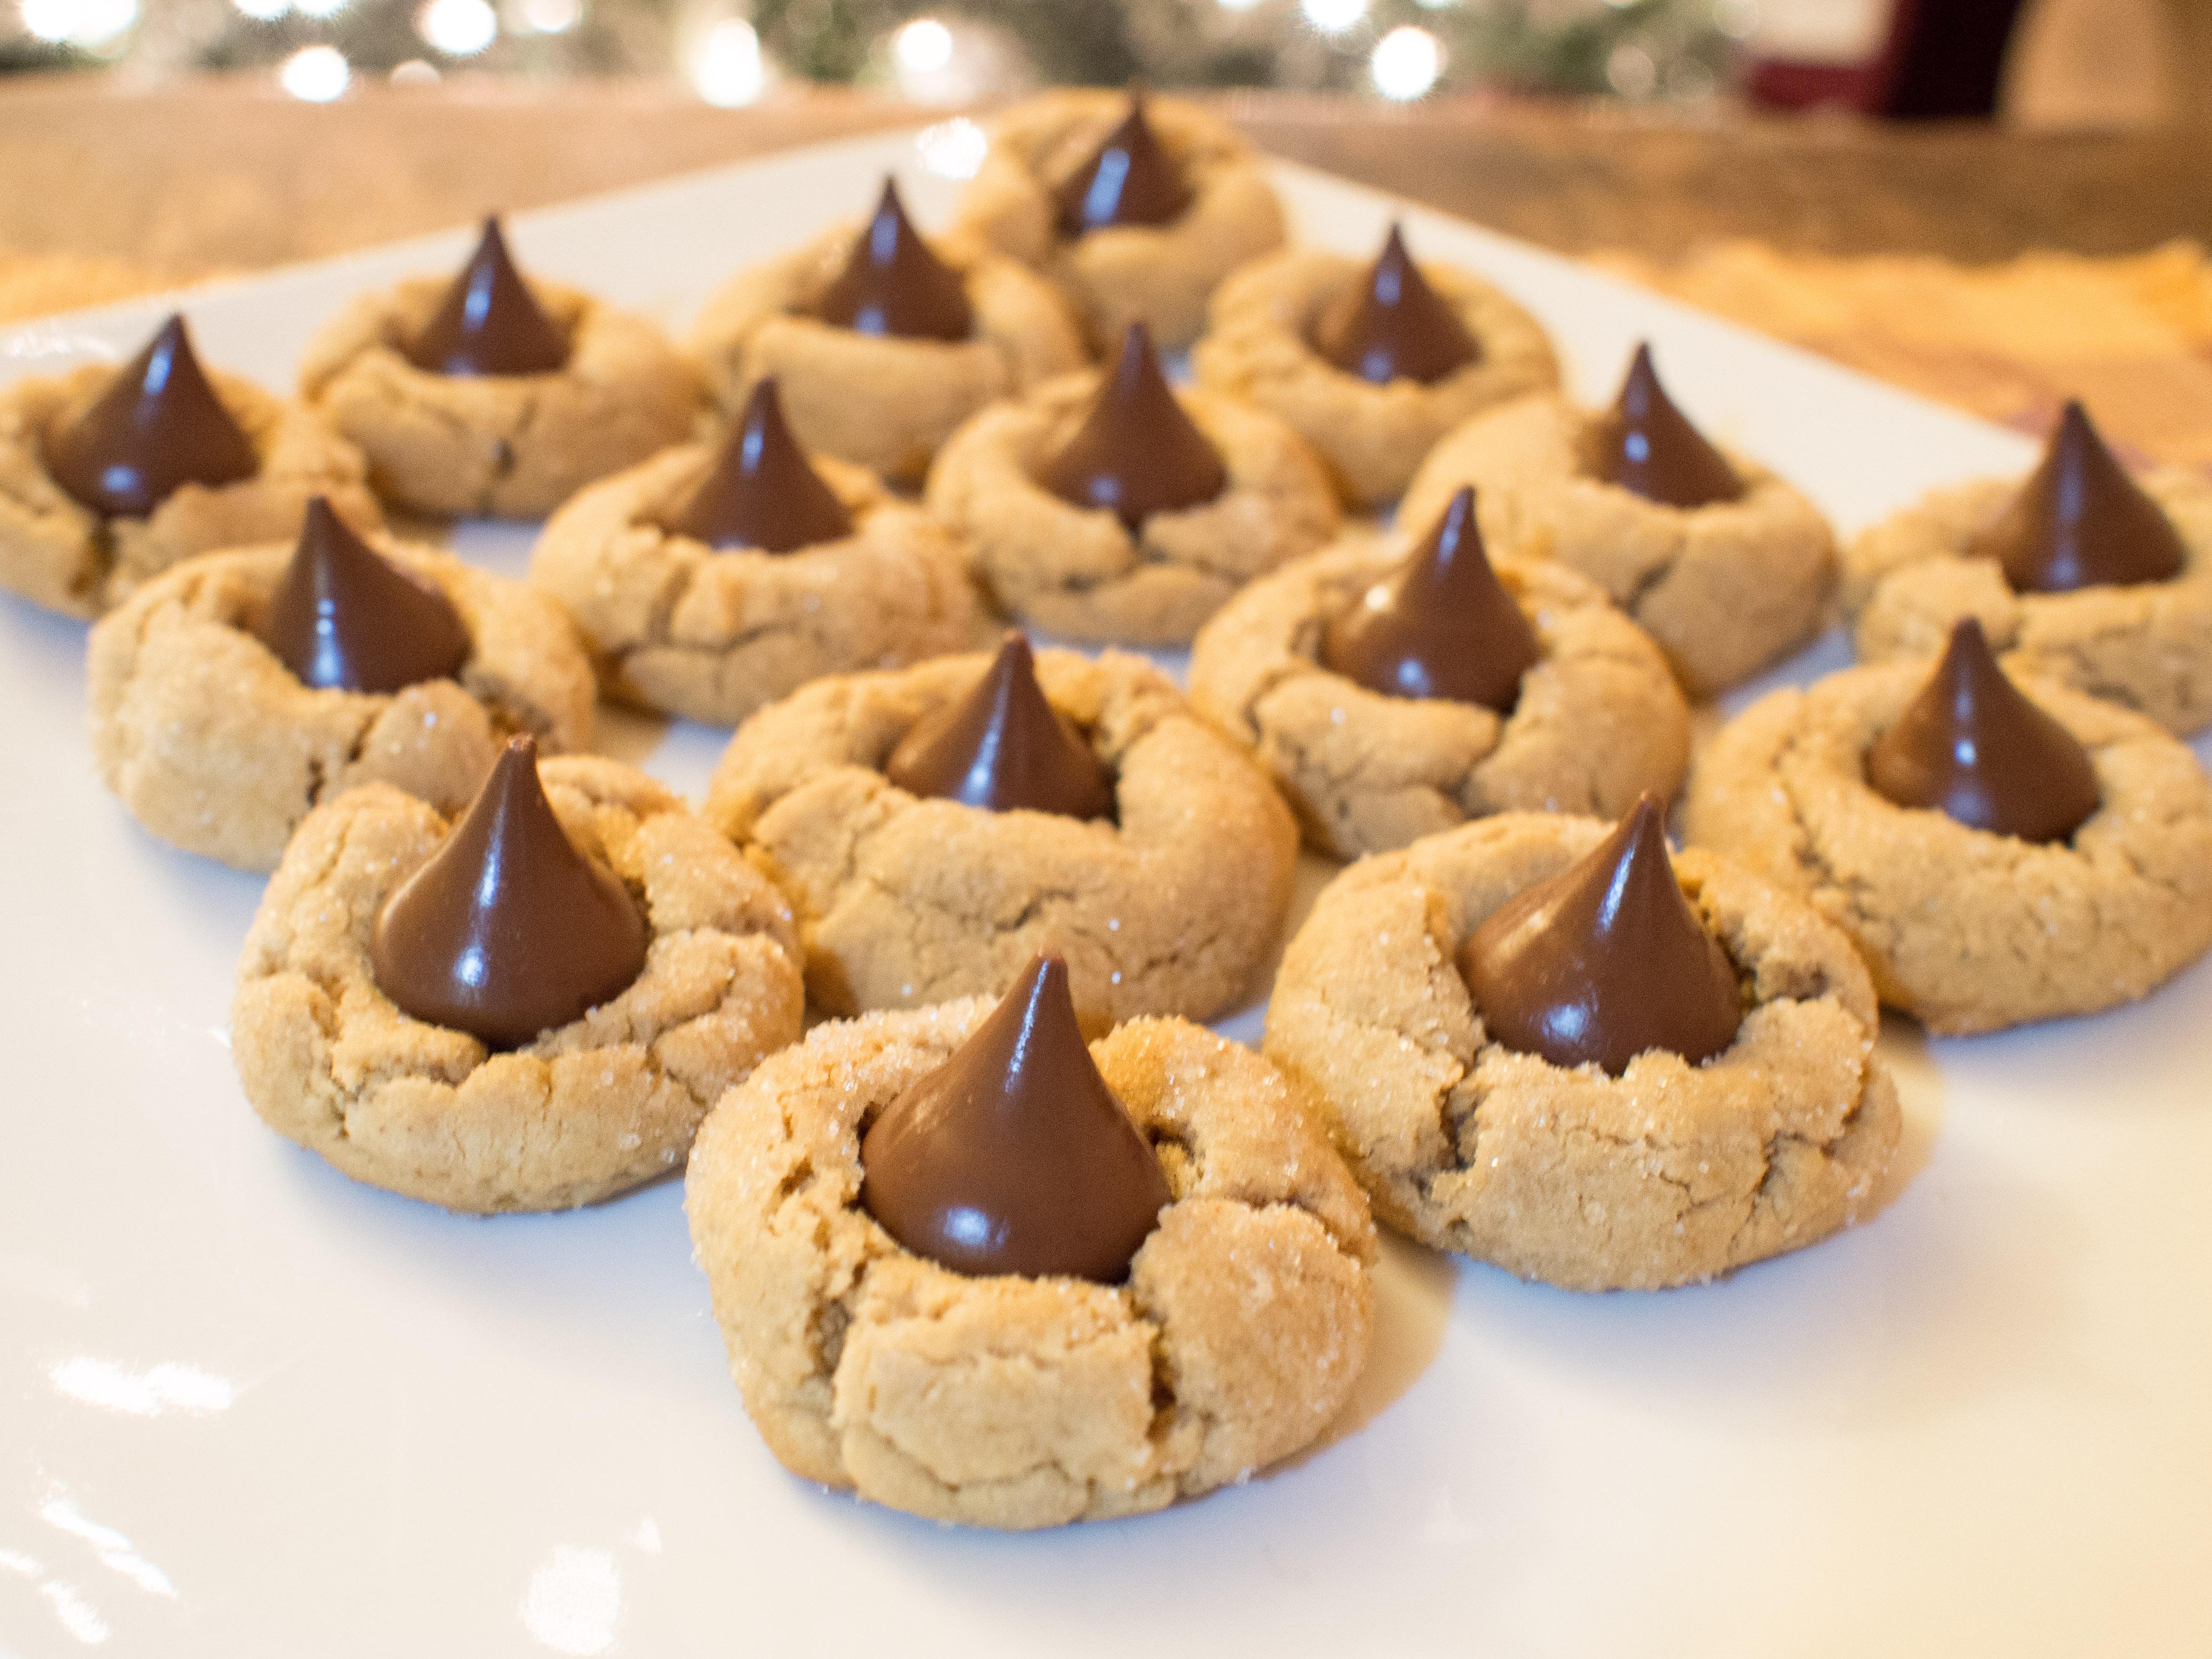 Blossom cookie recipes